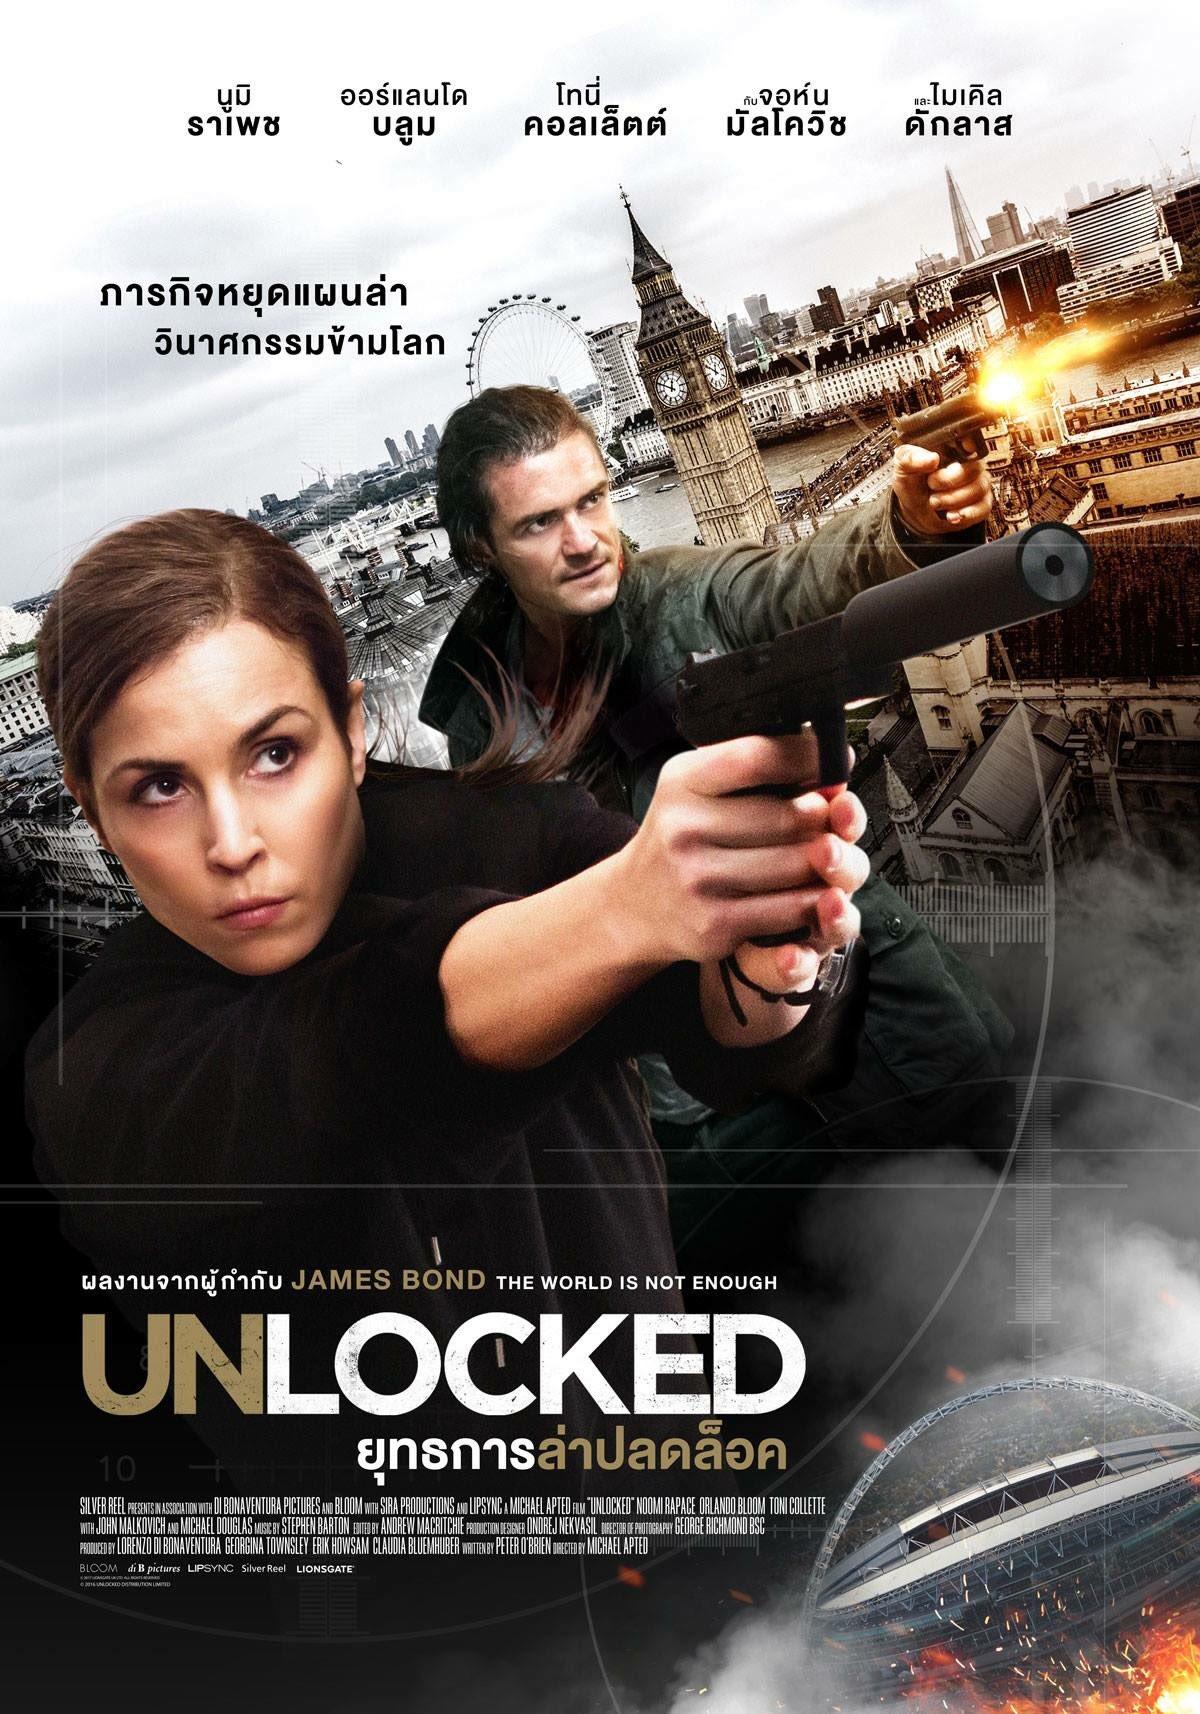 unlocked poster teaser trailer